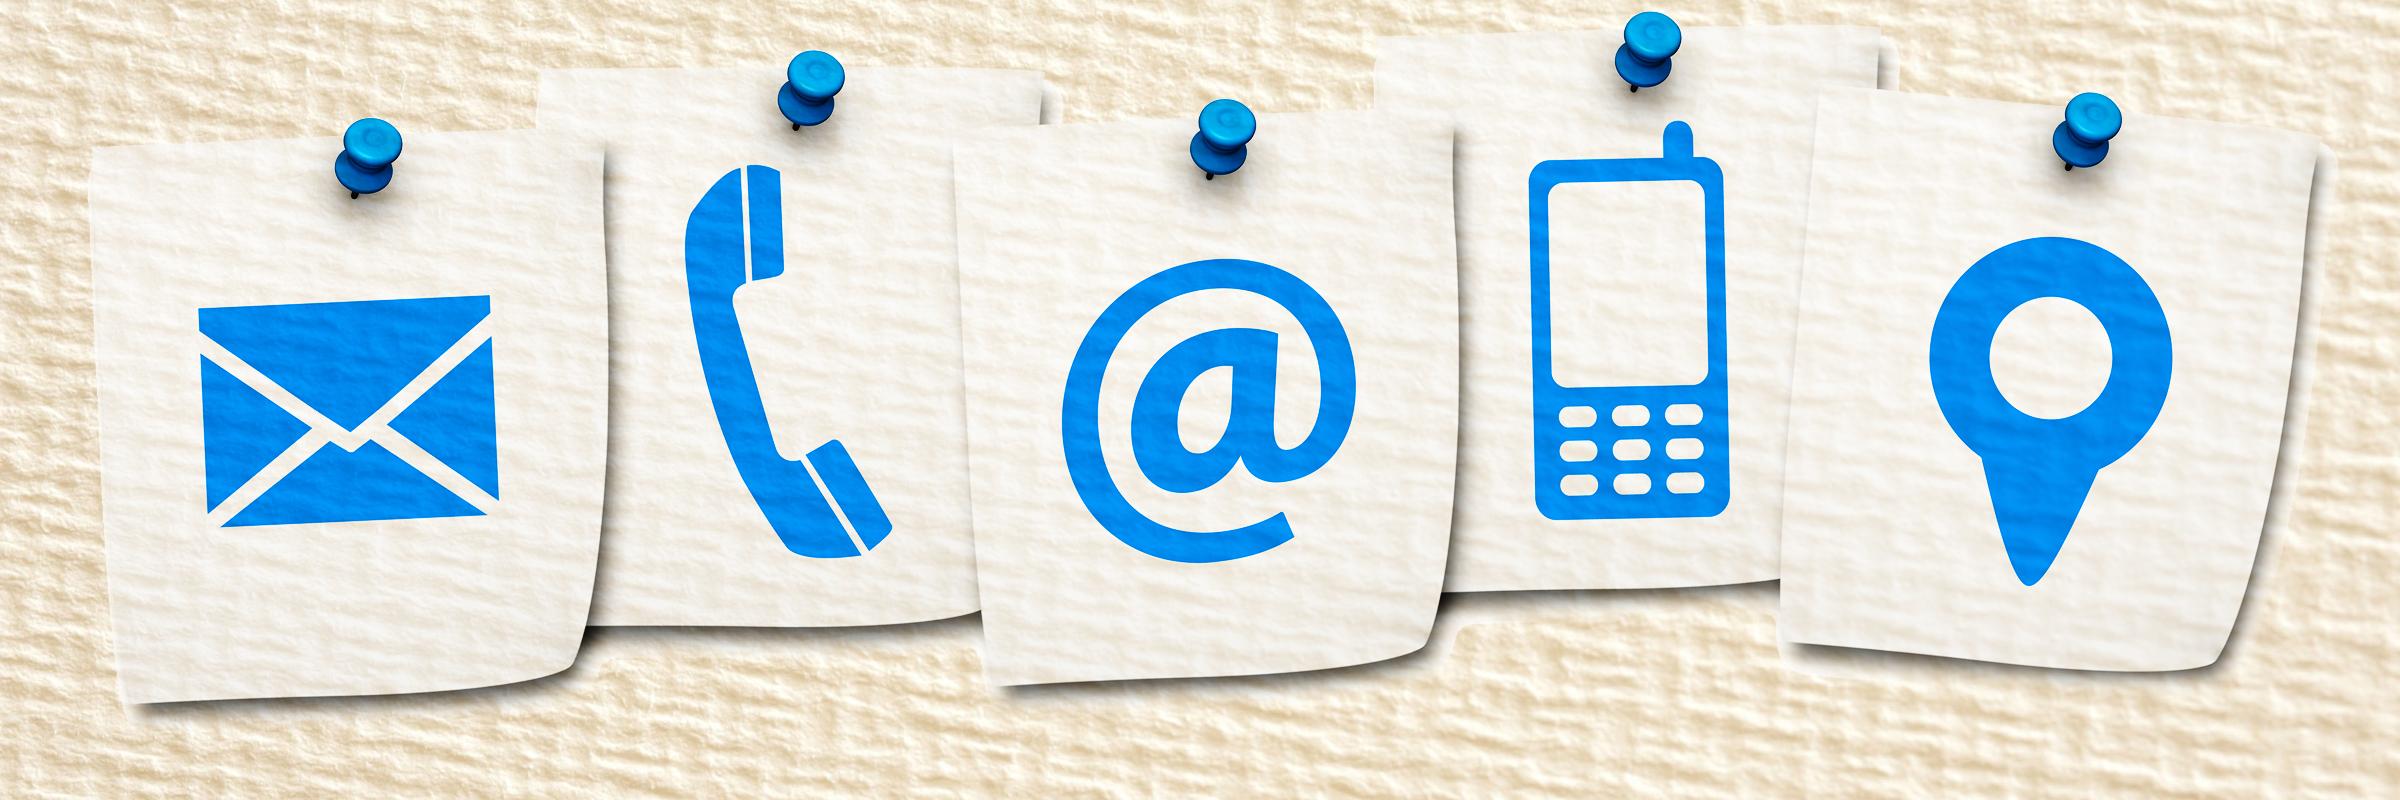 Contatti Studio Nouvelle Salerno Progetti Marketing Ricerca Grafica Web Comunicazione Consulenza Eventi Fidelity Card Operazione Premi Formazione